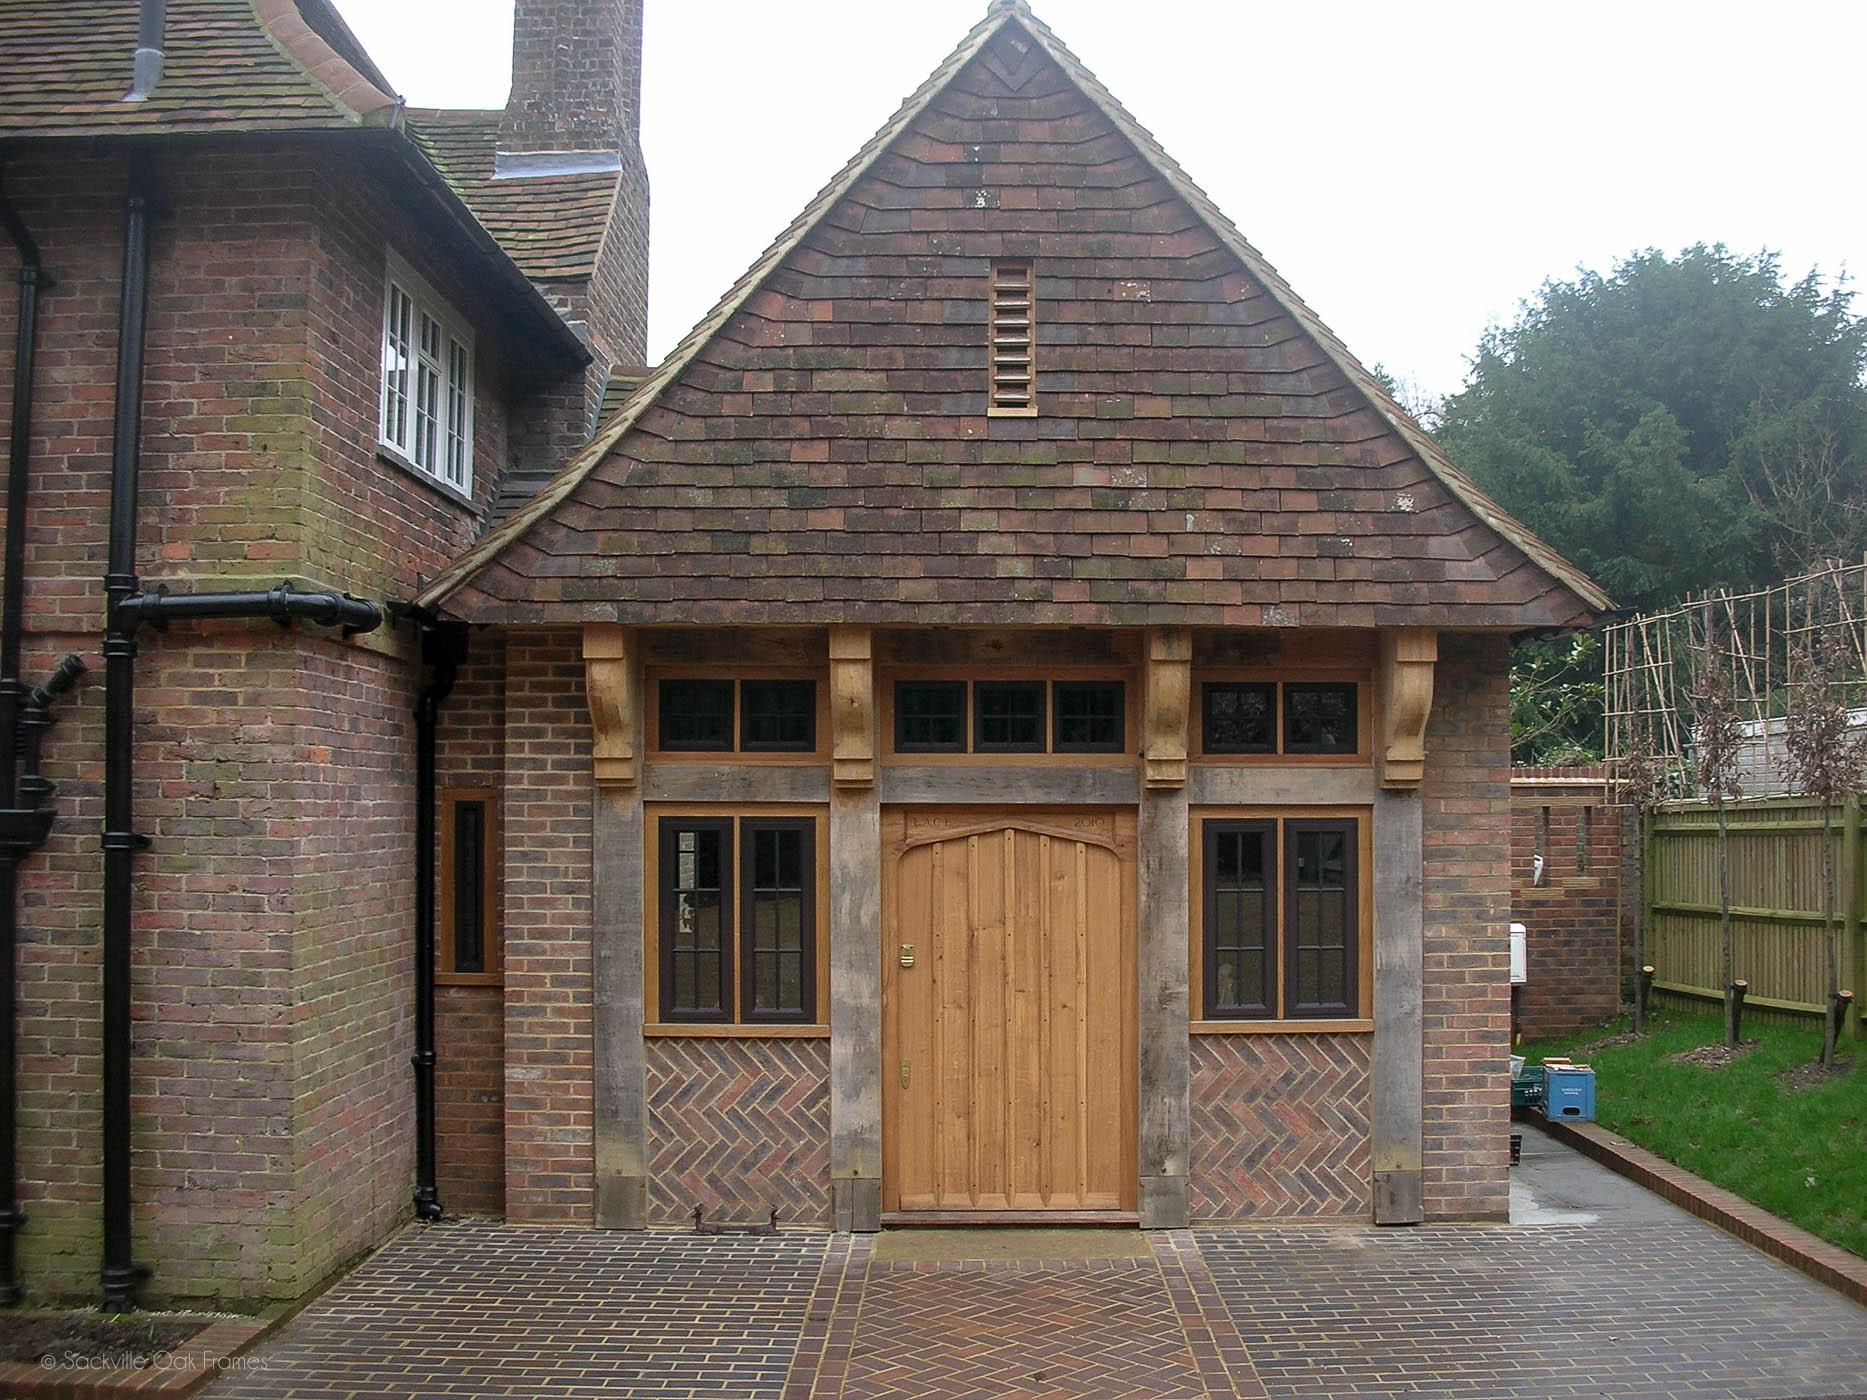 Sackville Oak Frames - Oak Framed Extension - Listed Property - Oak - Extension